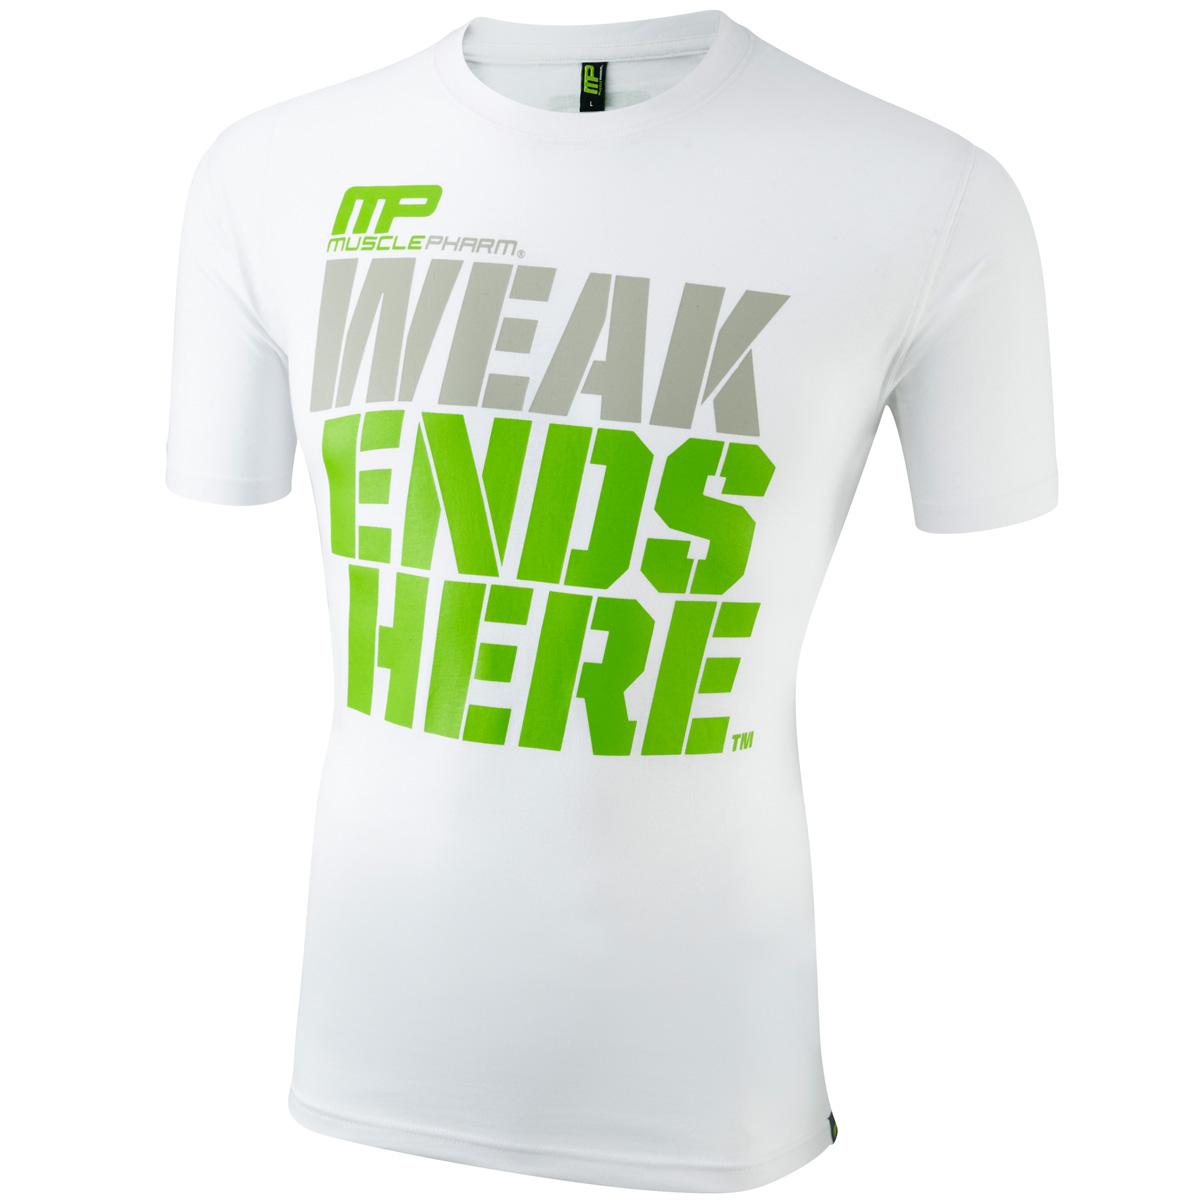 MusclePharm-Mangas-Cortas-Estampada-Camiseta-Camiseta-De-Entrenamiento-Gimnasio-De-Algodon-25-De